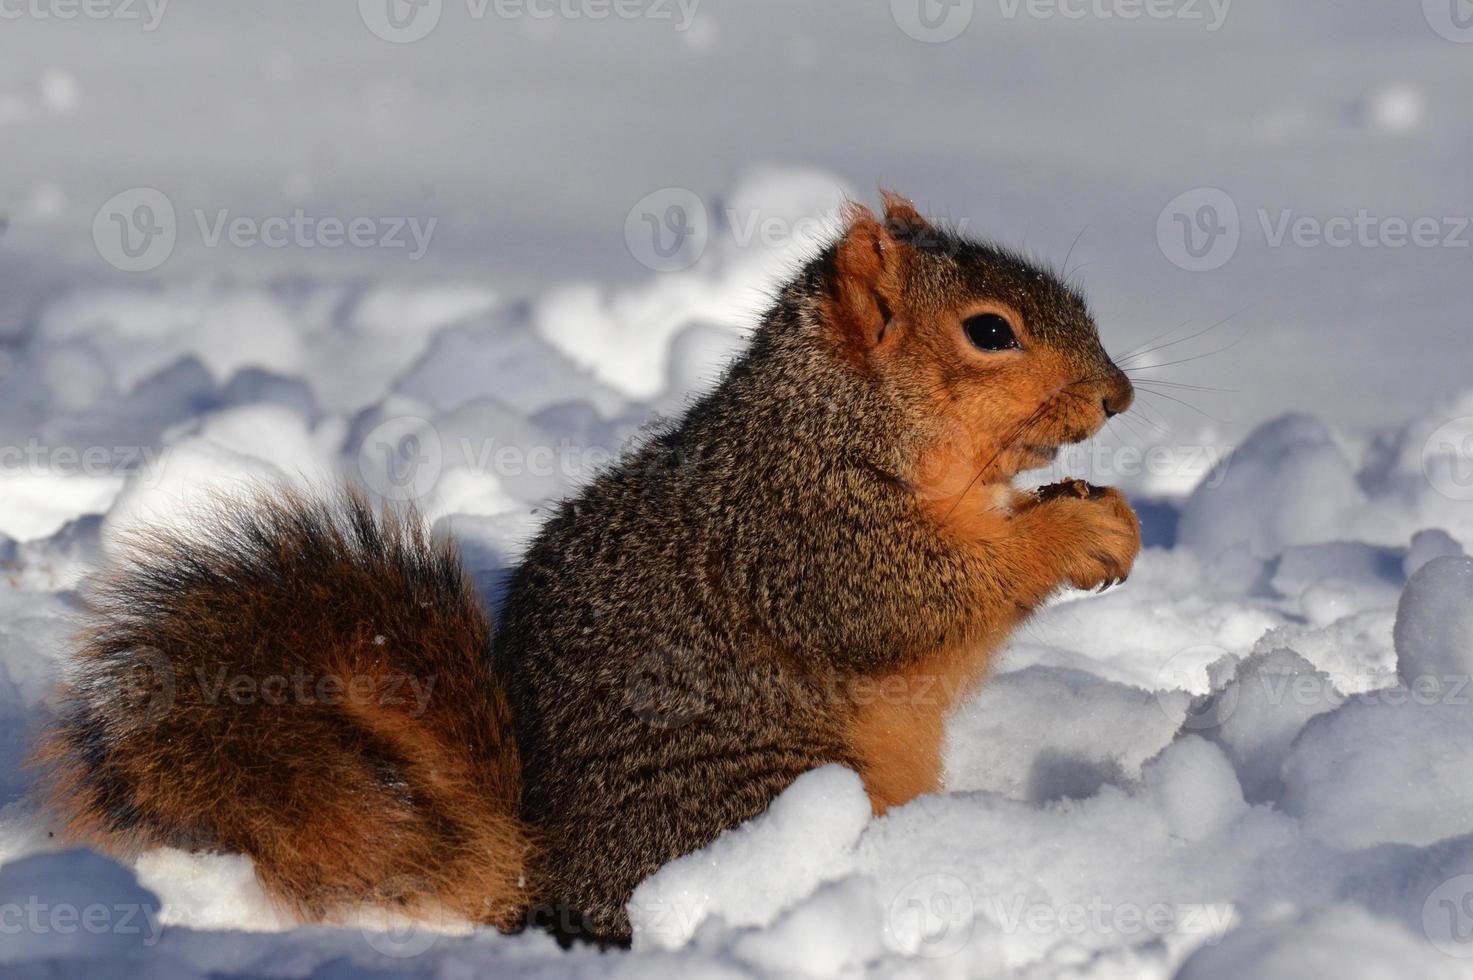 scoiattolo nella neve mangiare rivolto a destra foto